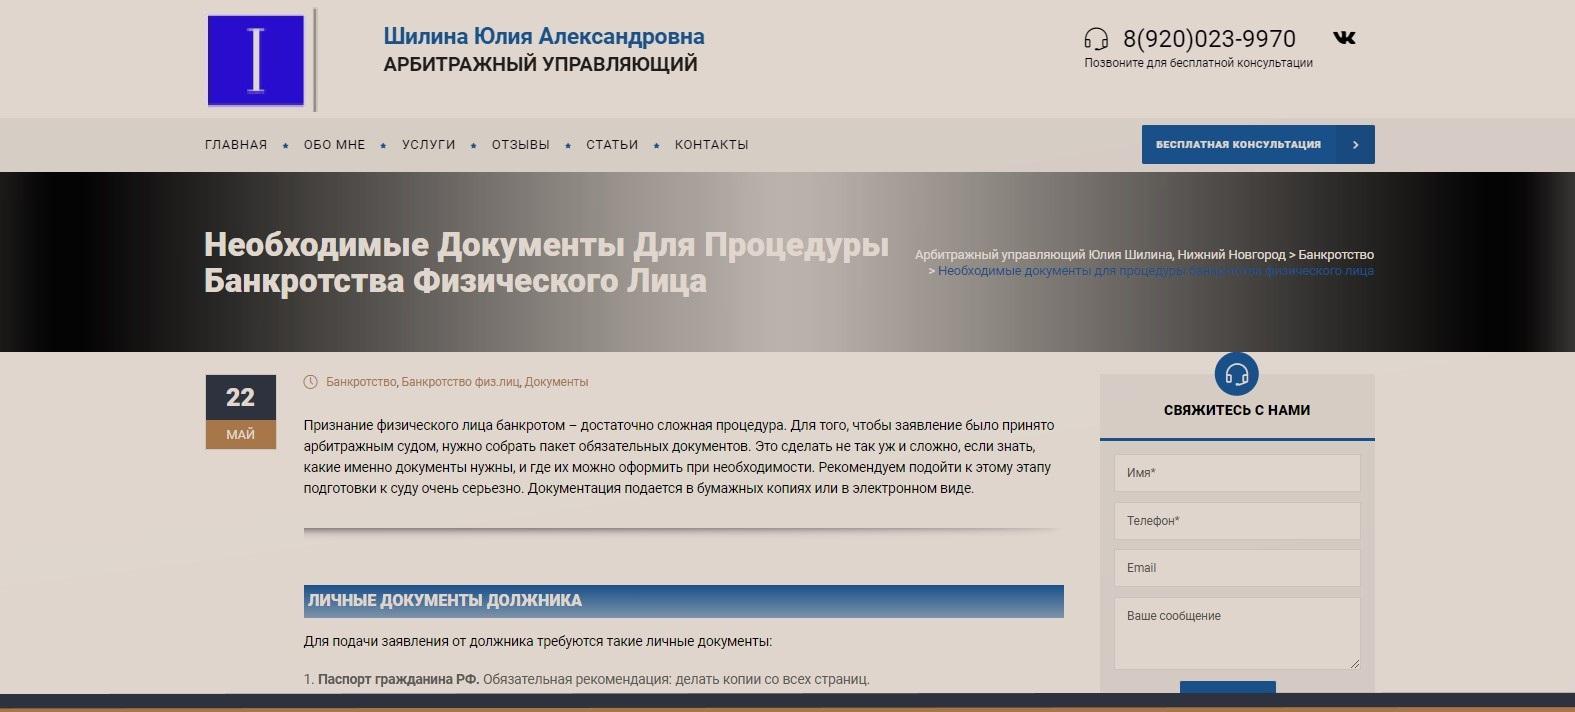 Изображение к публикации со списком документов для подачи на банкротство физического лица, сайт арбитражного управляющего Ю. А. Шилиной, Нижний Новгород